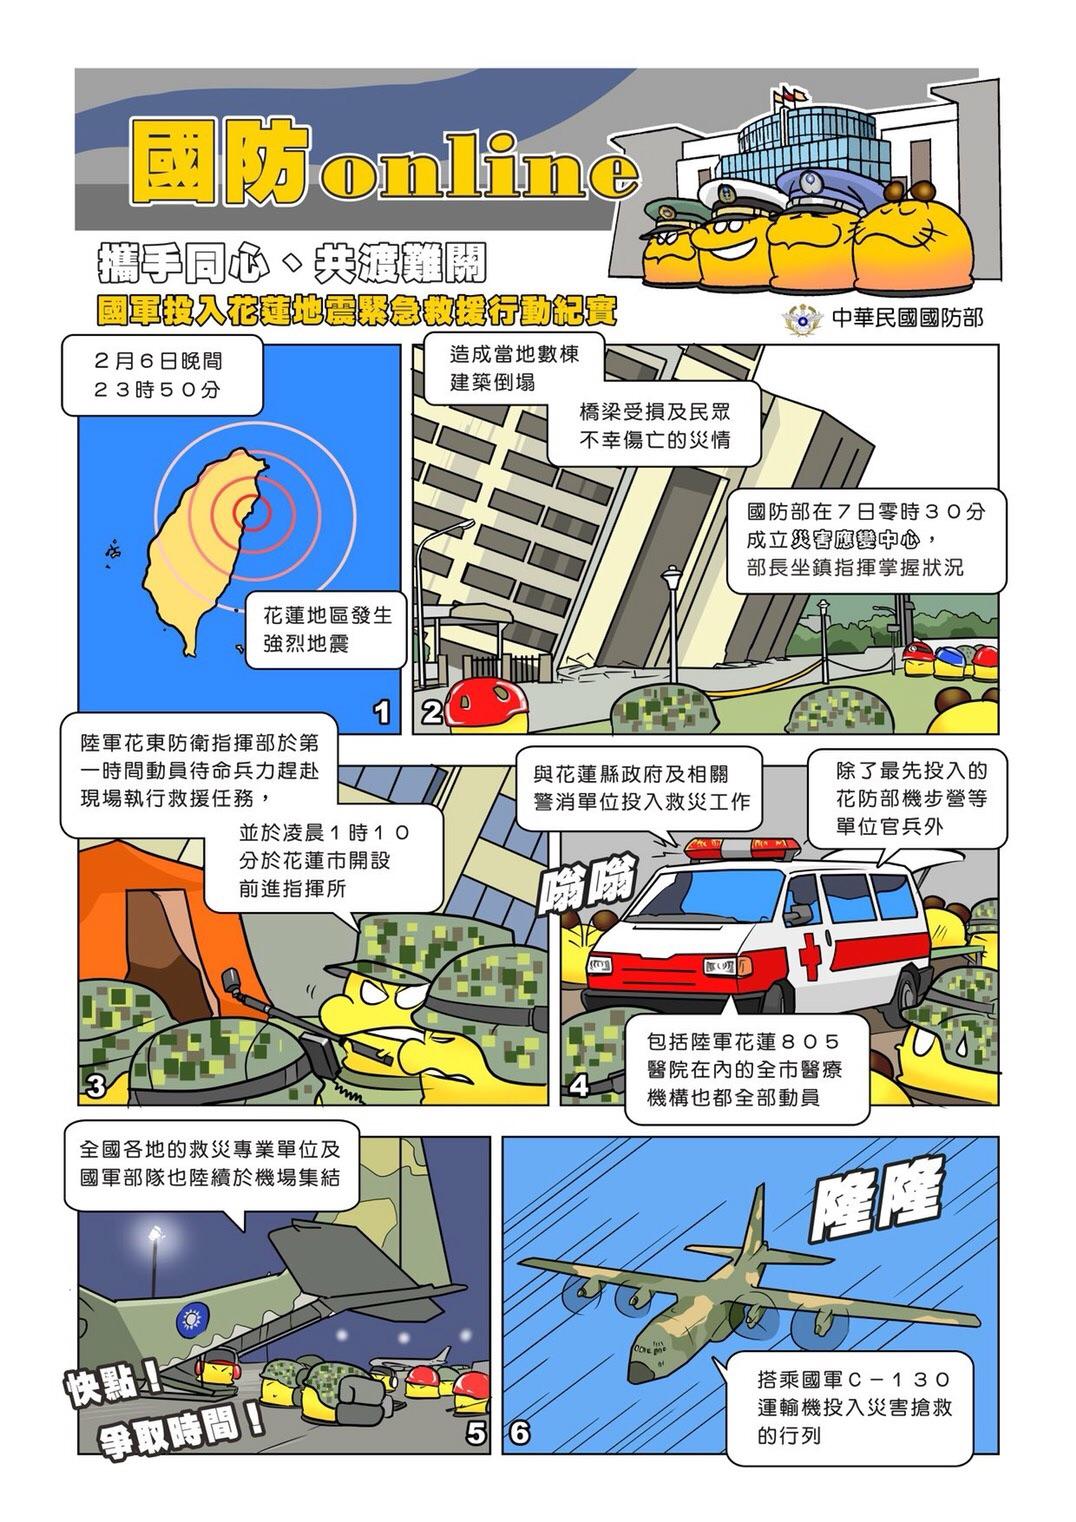 國防Online漫畫22期-攜手同心,共渡難關01.jpg